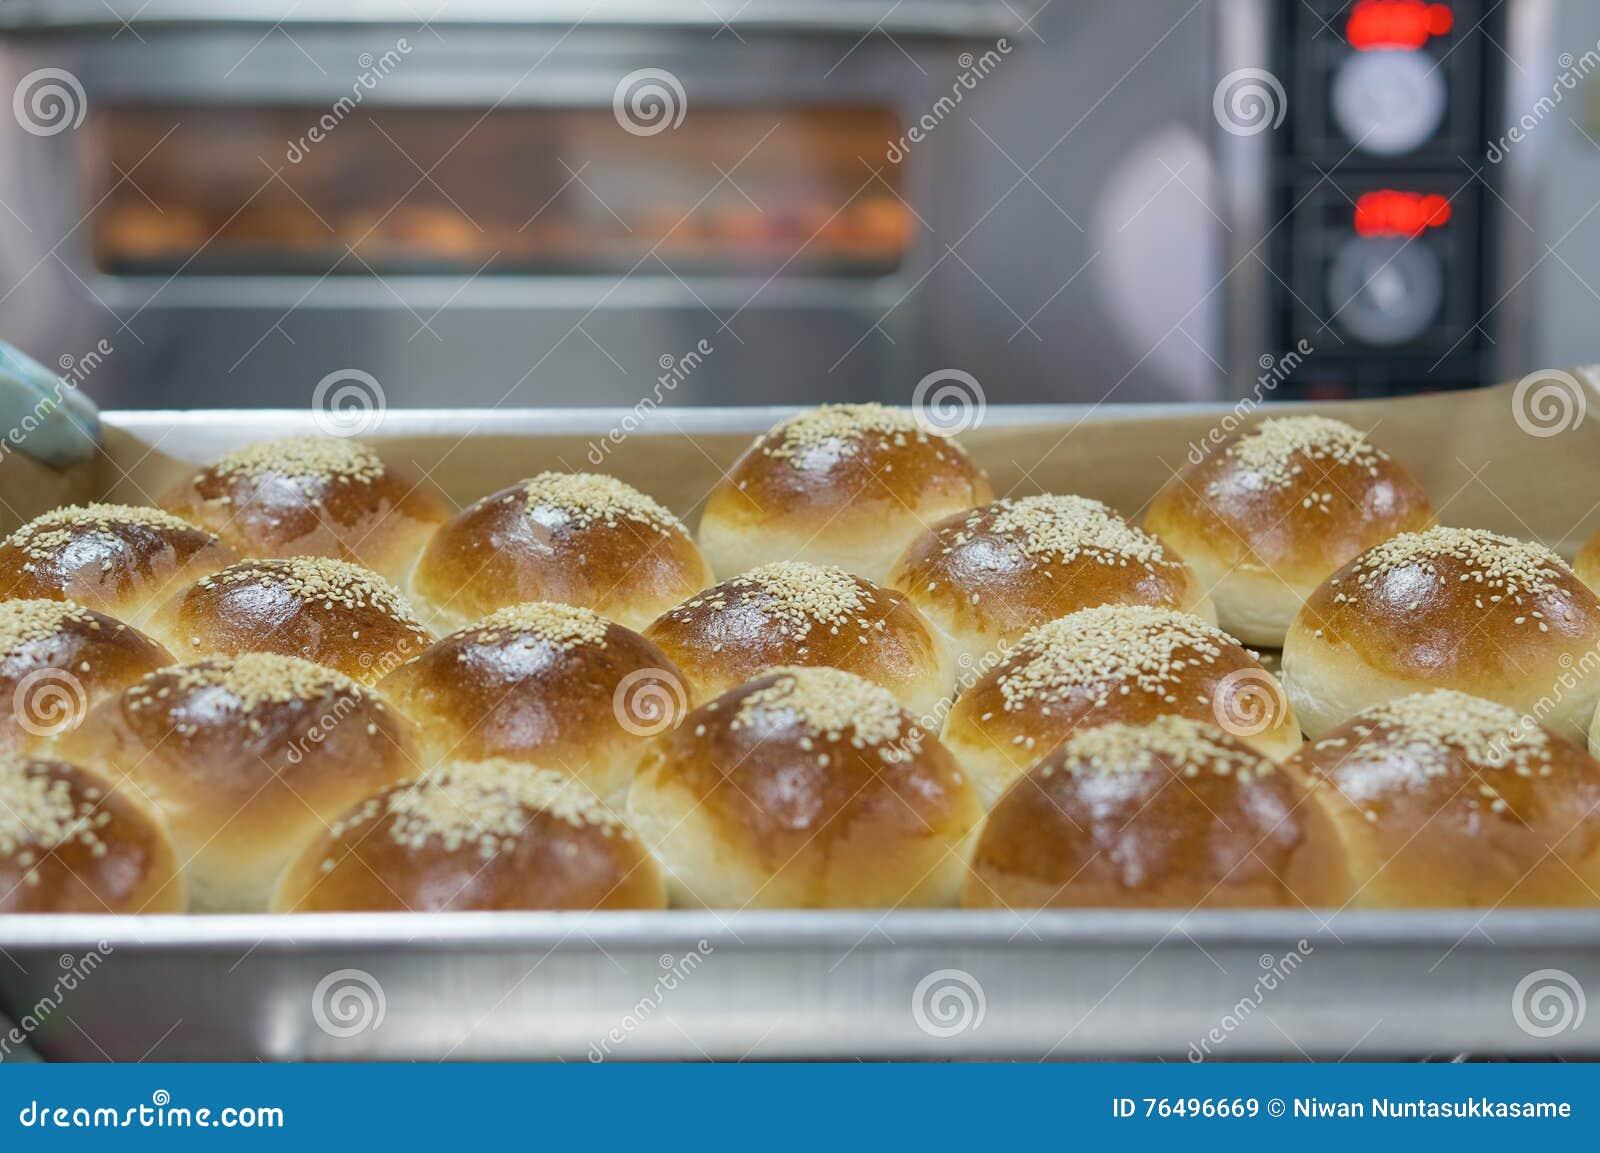 Brot auf die Oberseite mit indischem Sesam